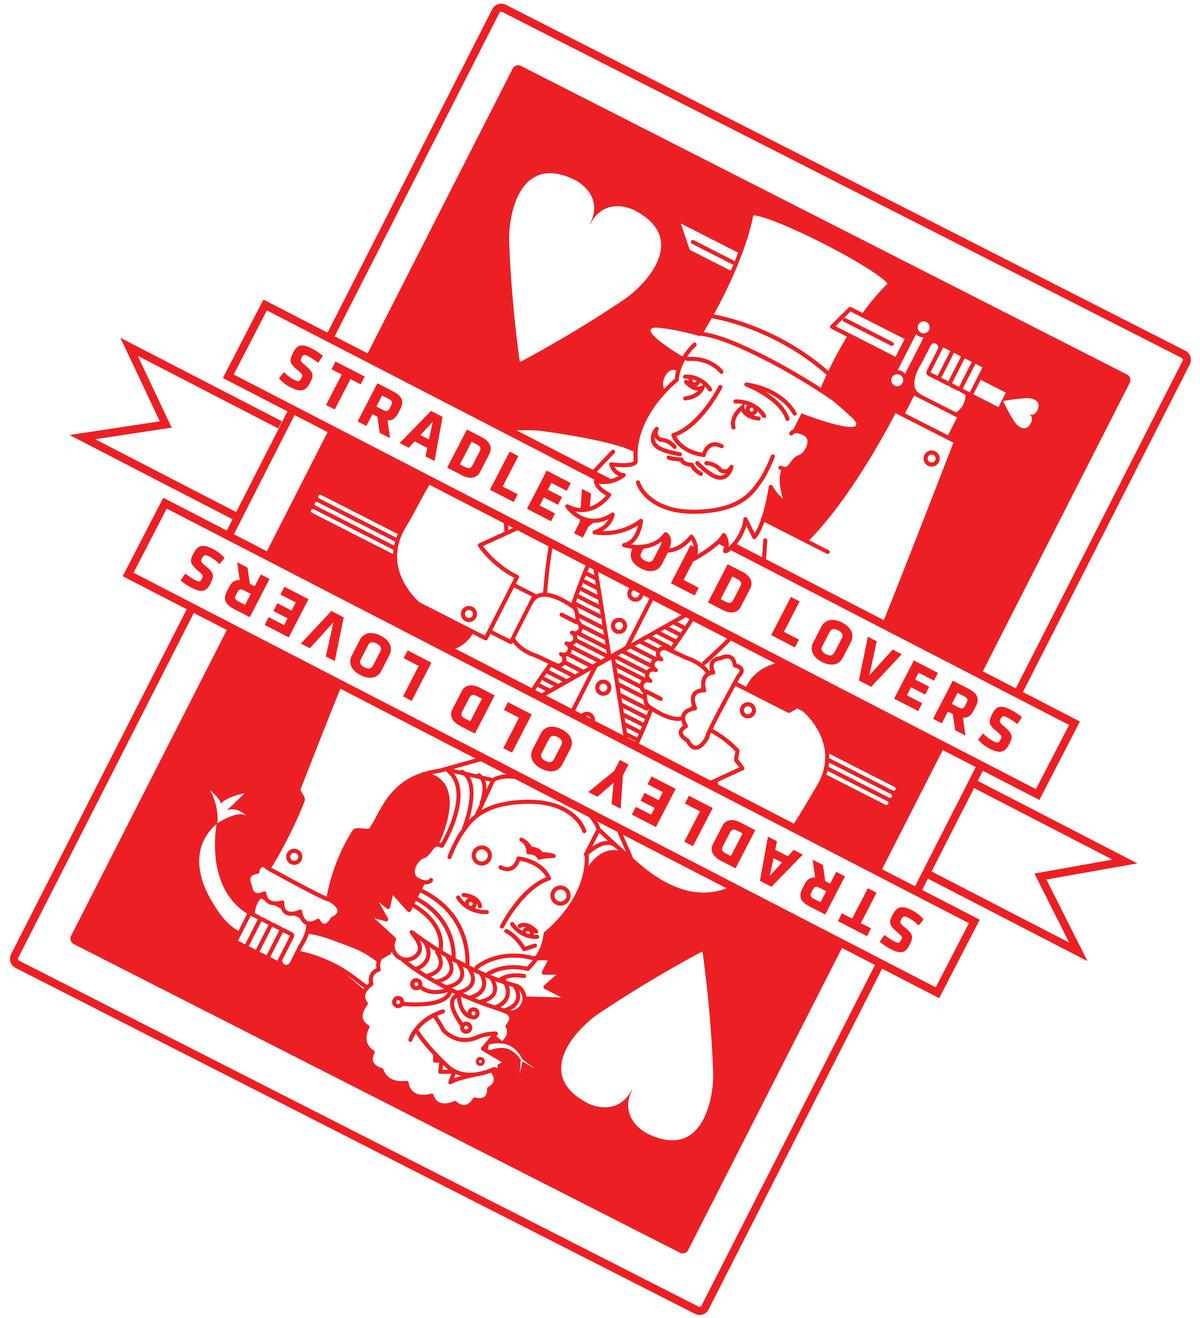 Stradley Old Lovers crest (revised)